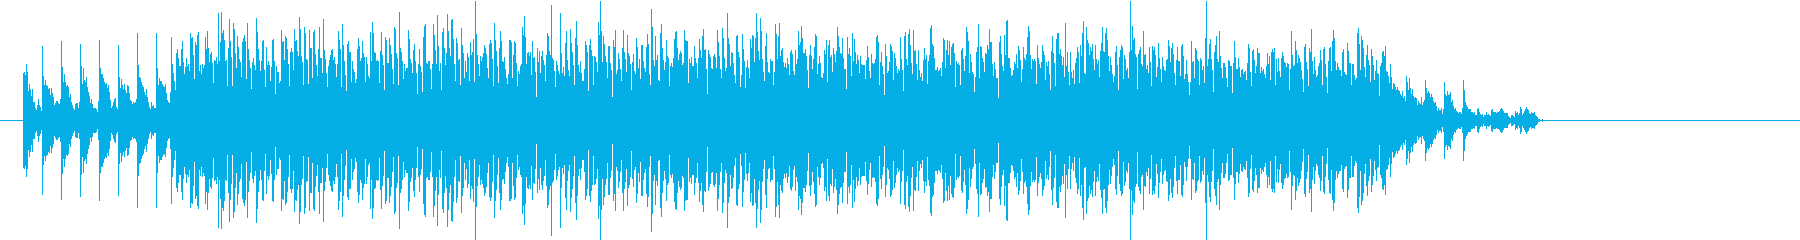 追いかける・追われるのイメージの再生済みの波形